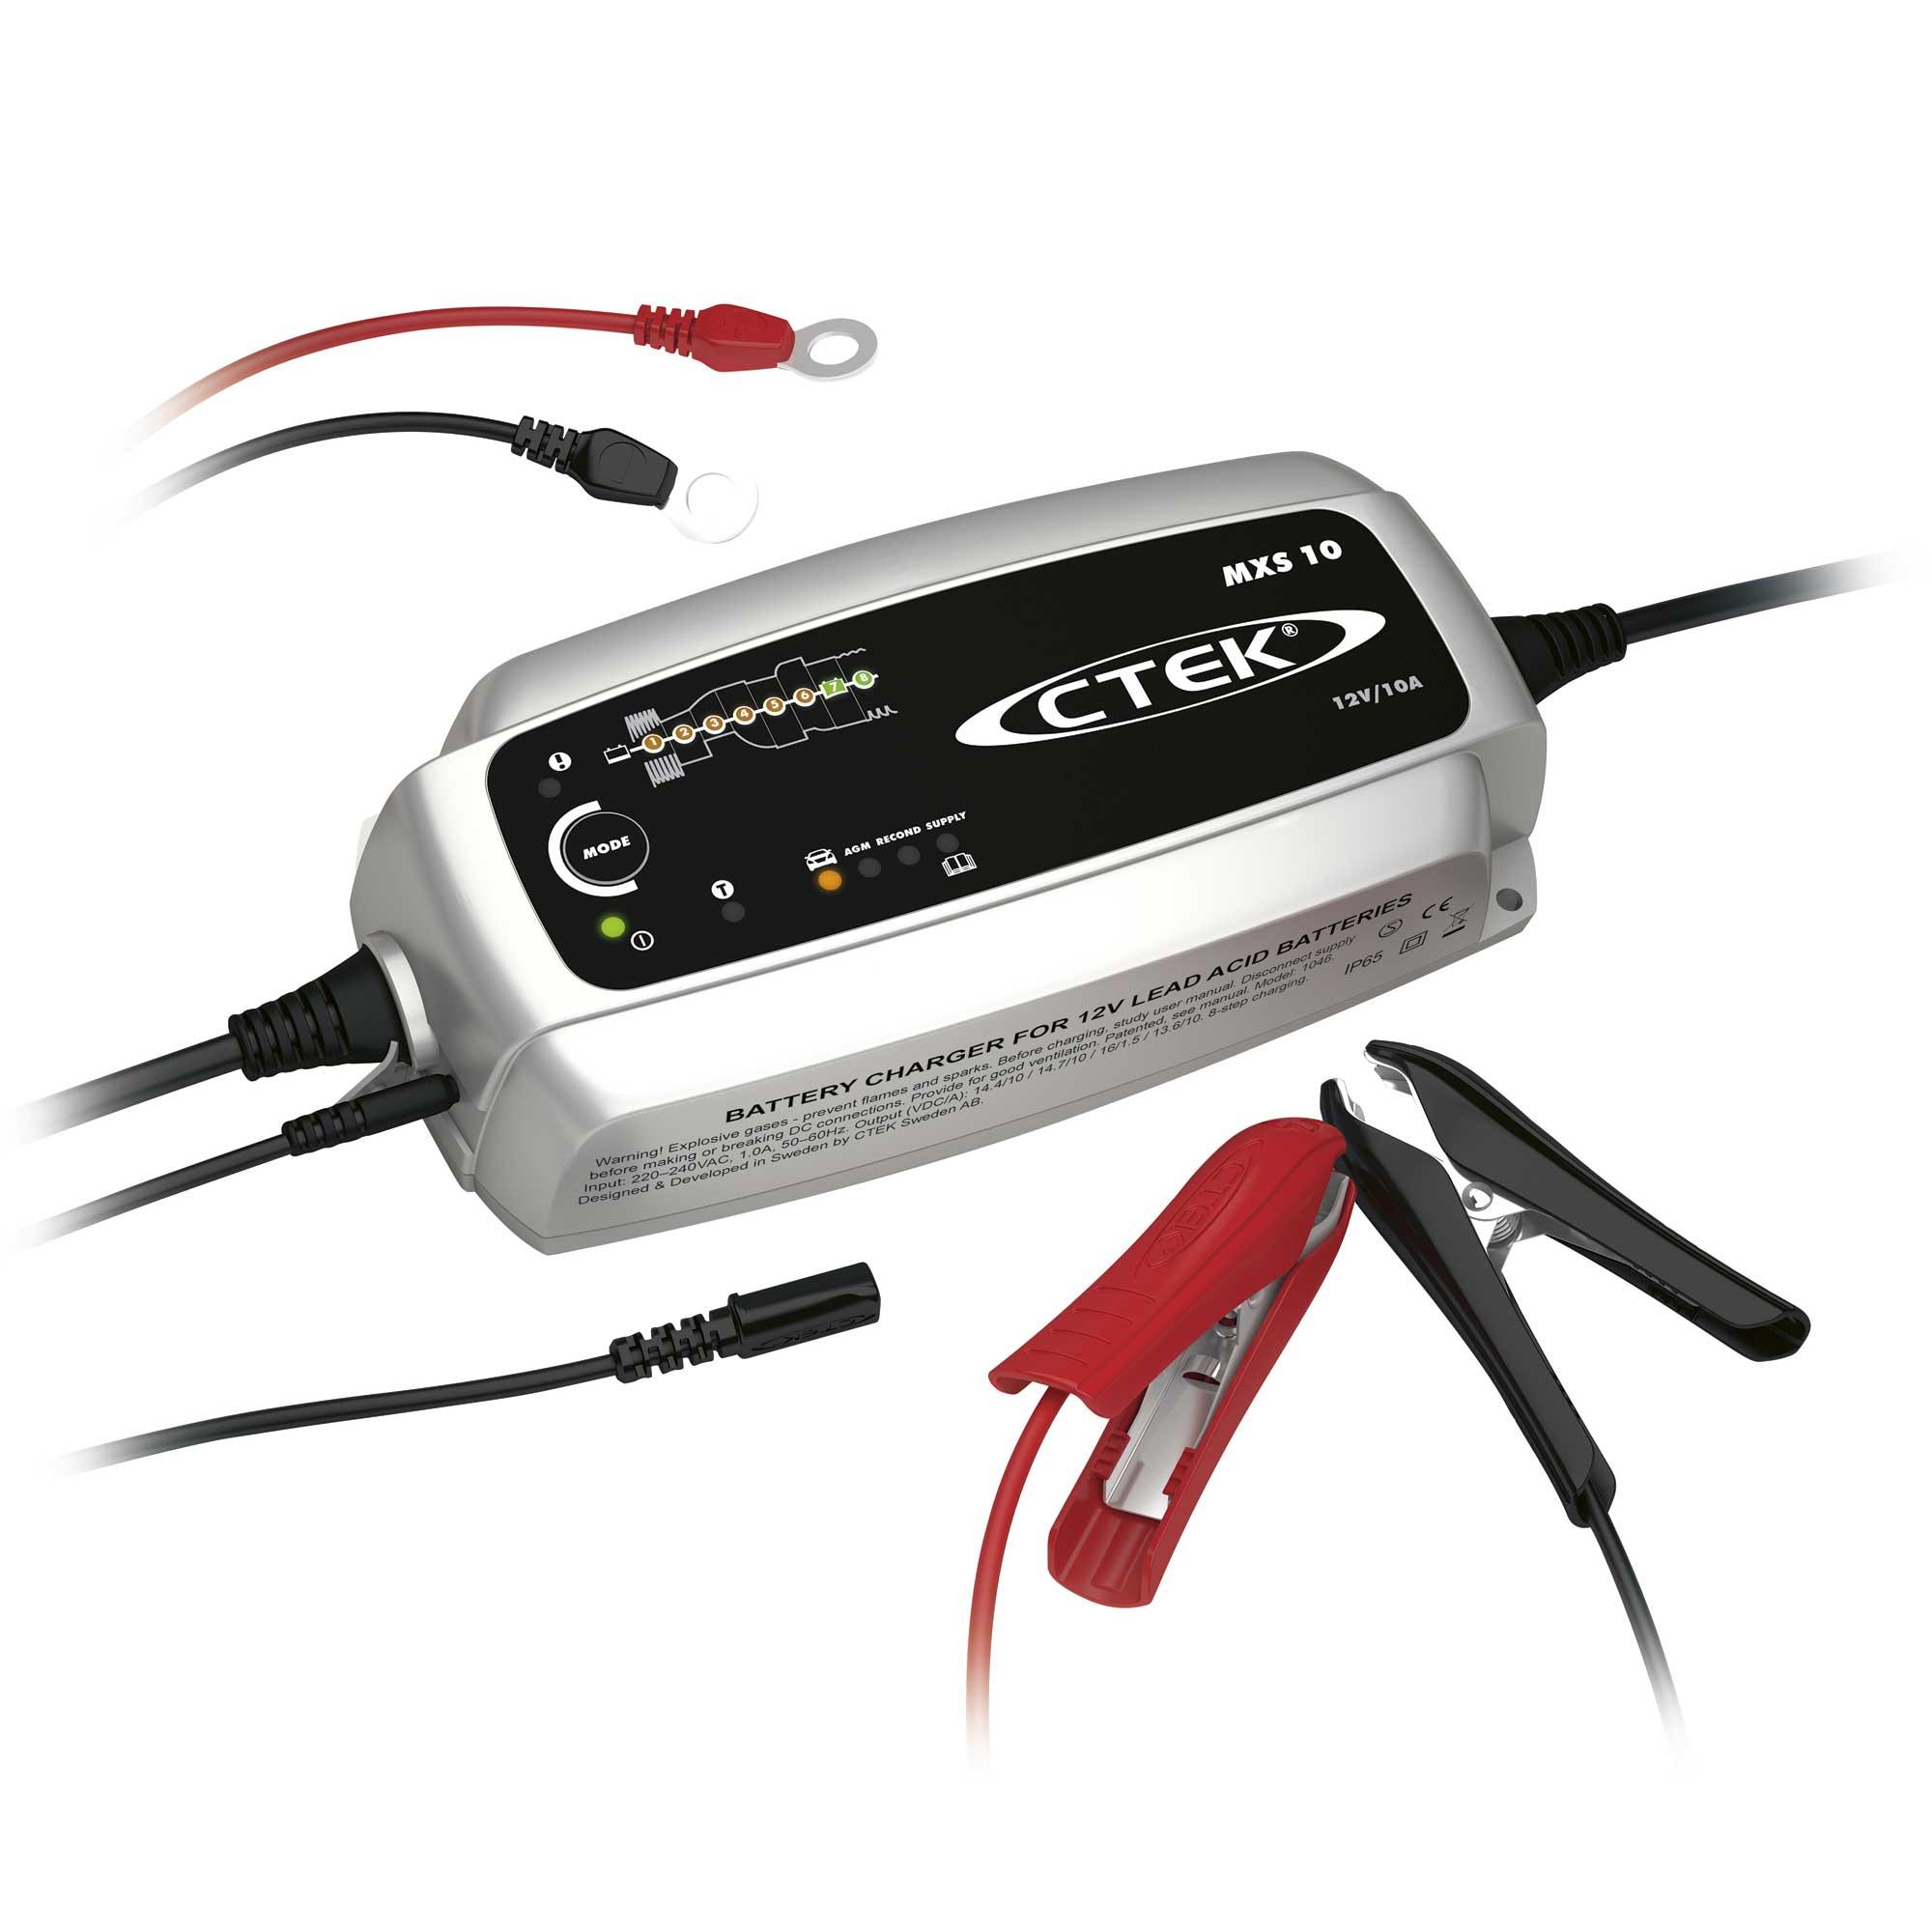 Зарядное устройство Ctek MXS 10 (8 этапов, 20-300Aч, 12В)